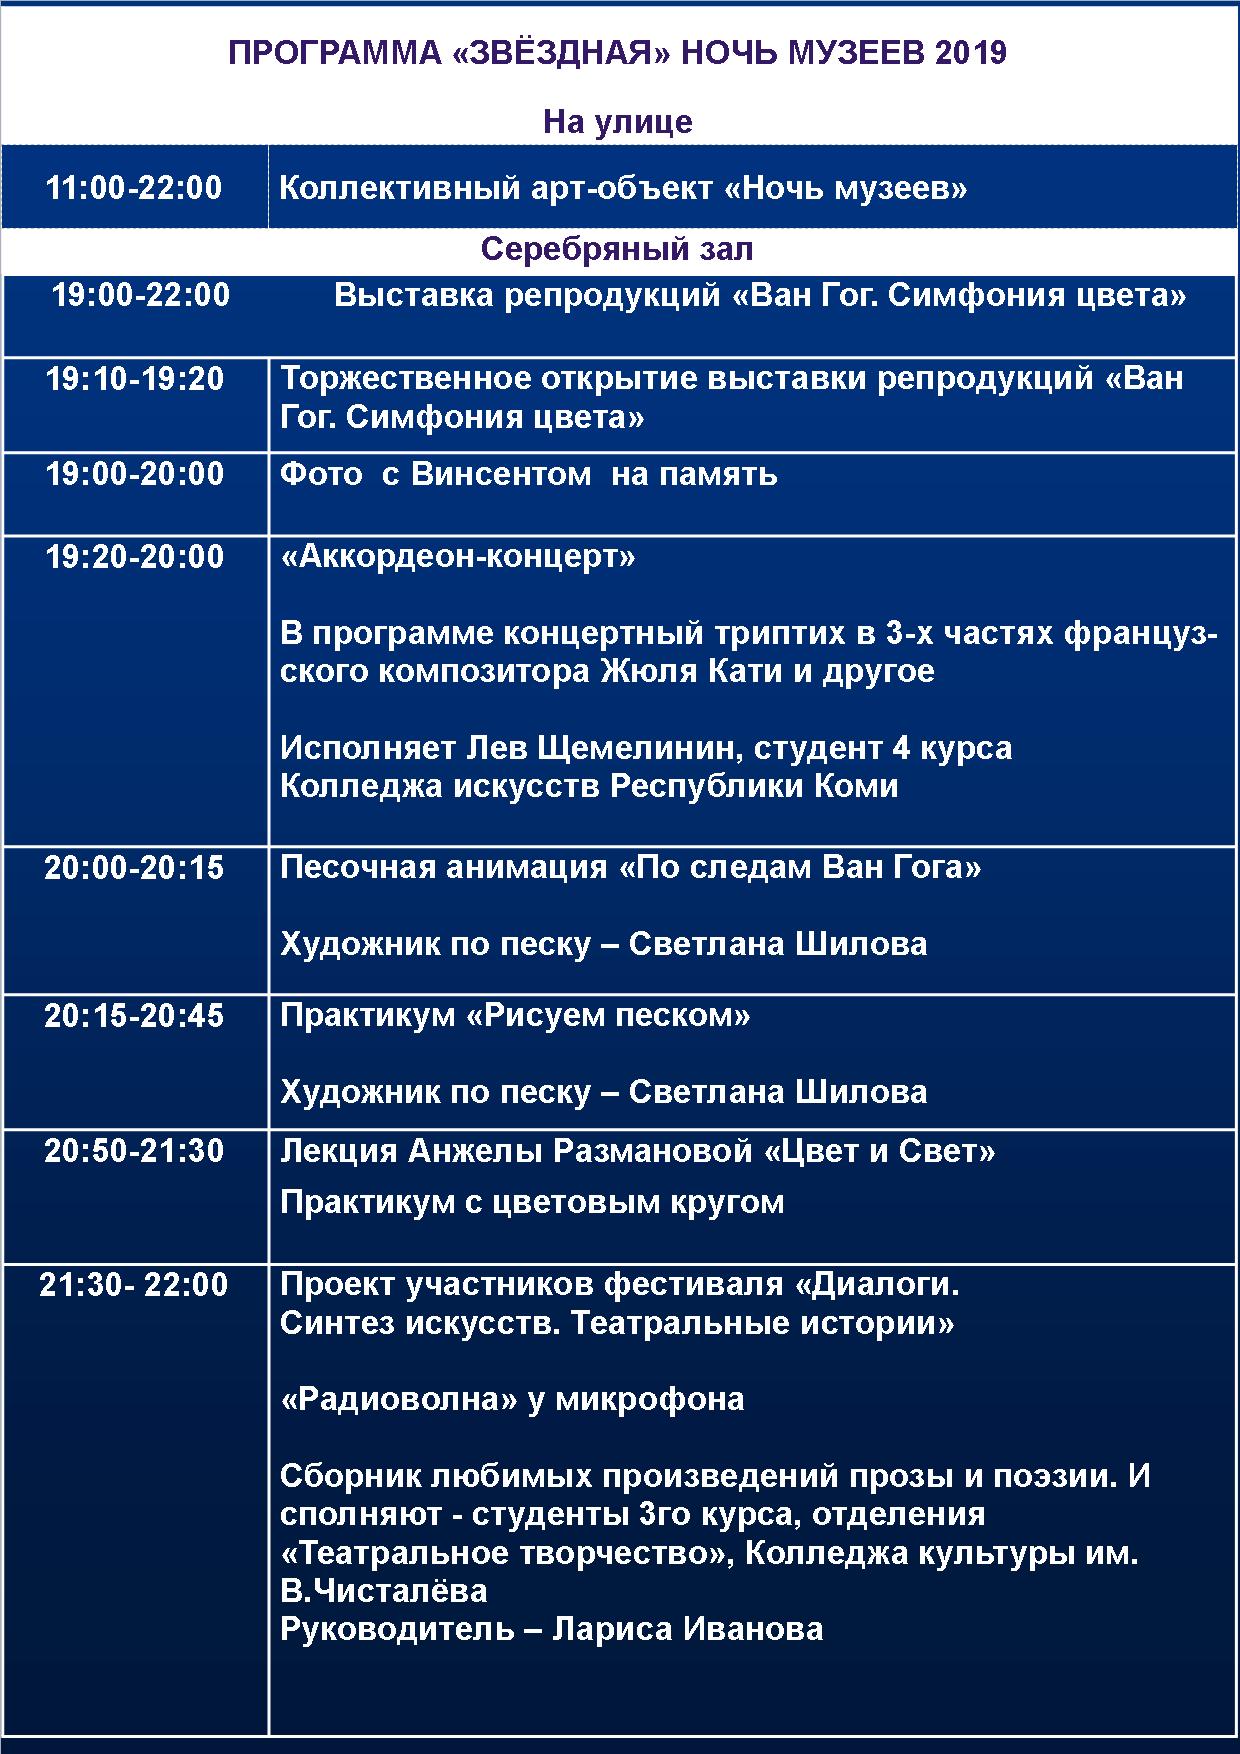 Programma-1.png